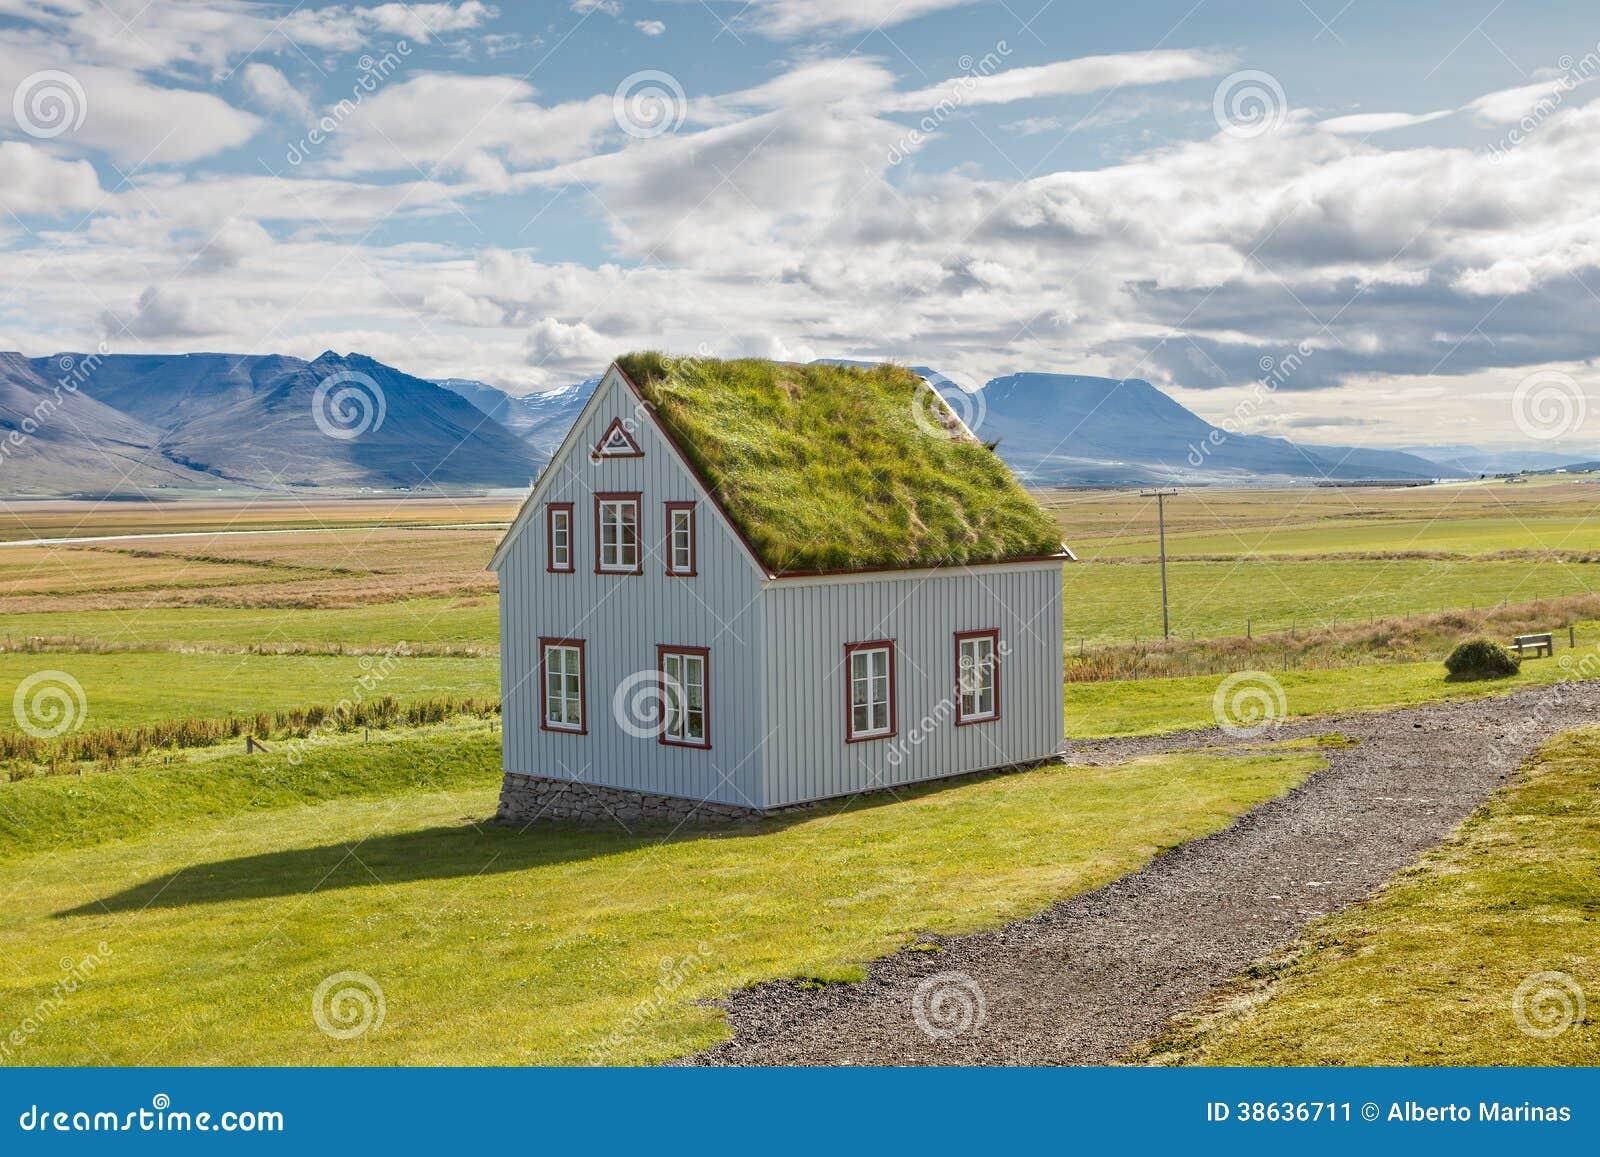 Casa de islandia imagen de archivo imagen de cielo escandinavo 38636711 - Casas en islandia ...